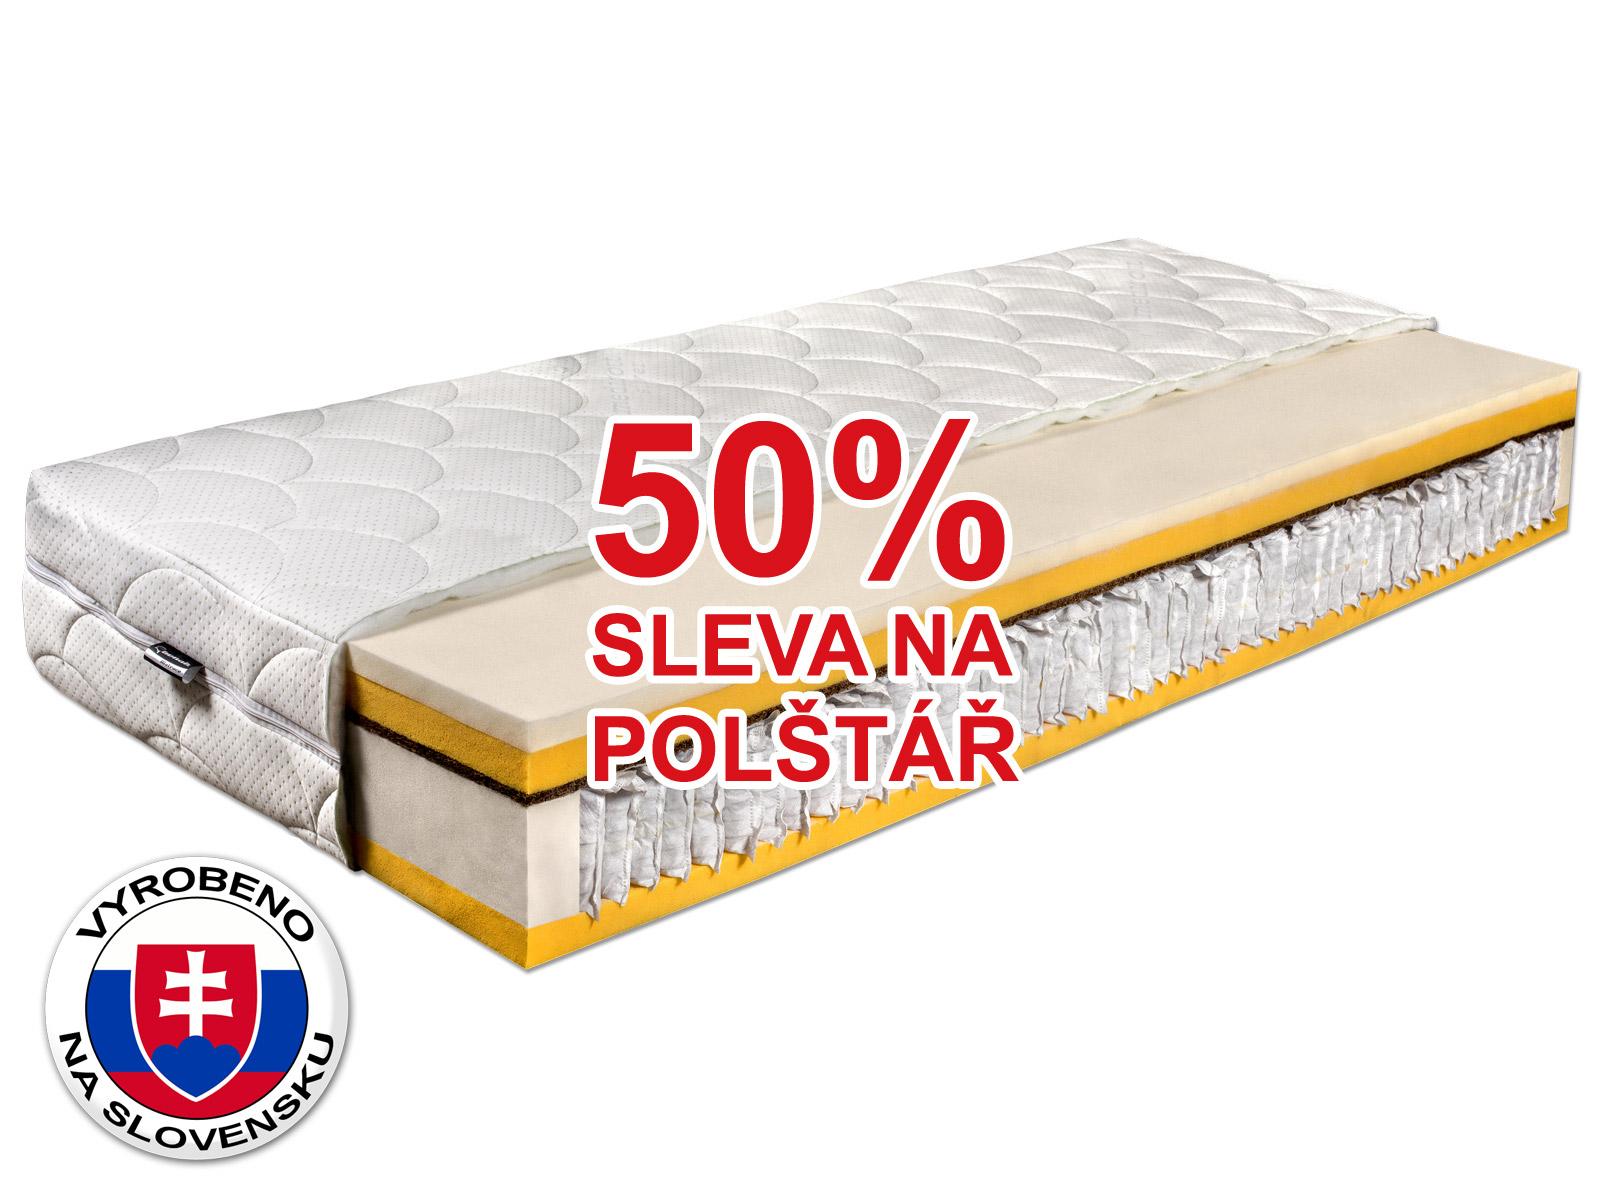 Taštičková matrace - Benab - Benab Five Star - 200x80 cm (T3/T4). Ortopedická matrace pro náročné, vyrobená na Slovensku, s přizpůsobivým 7-zónovým jádrem, s příměsí kokosového vlákna a s antibakteriálním potahem.